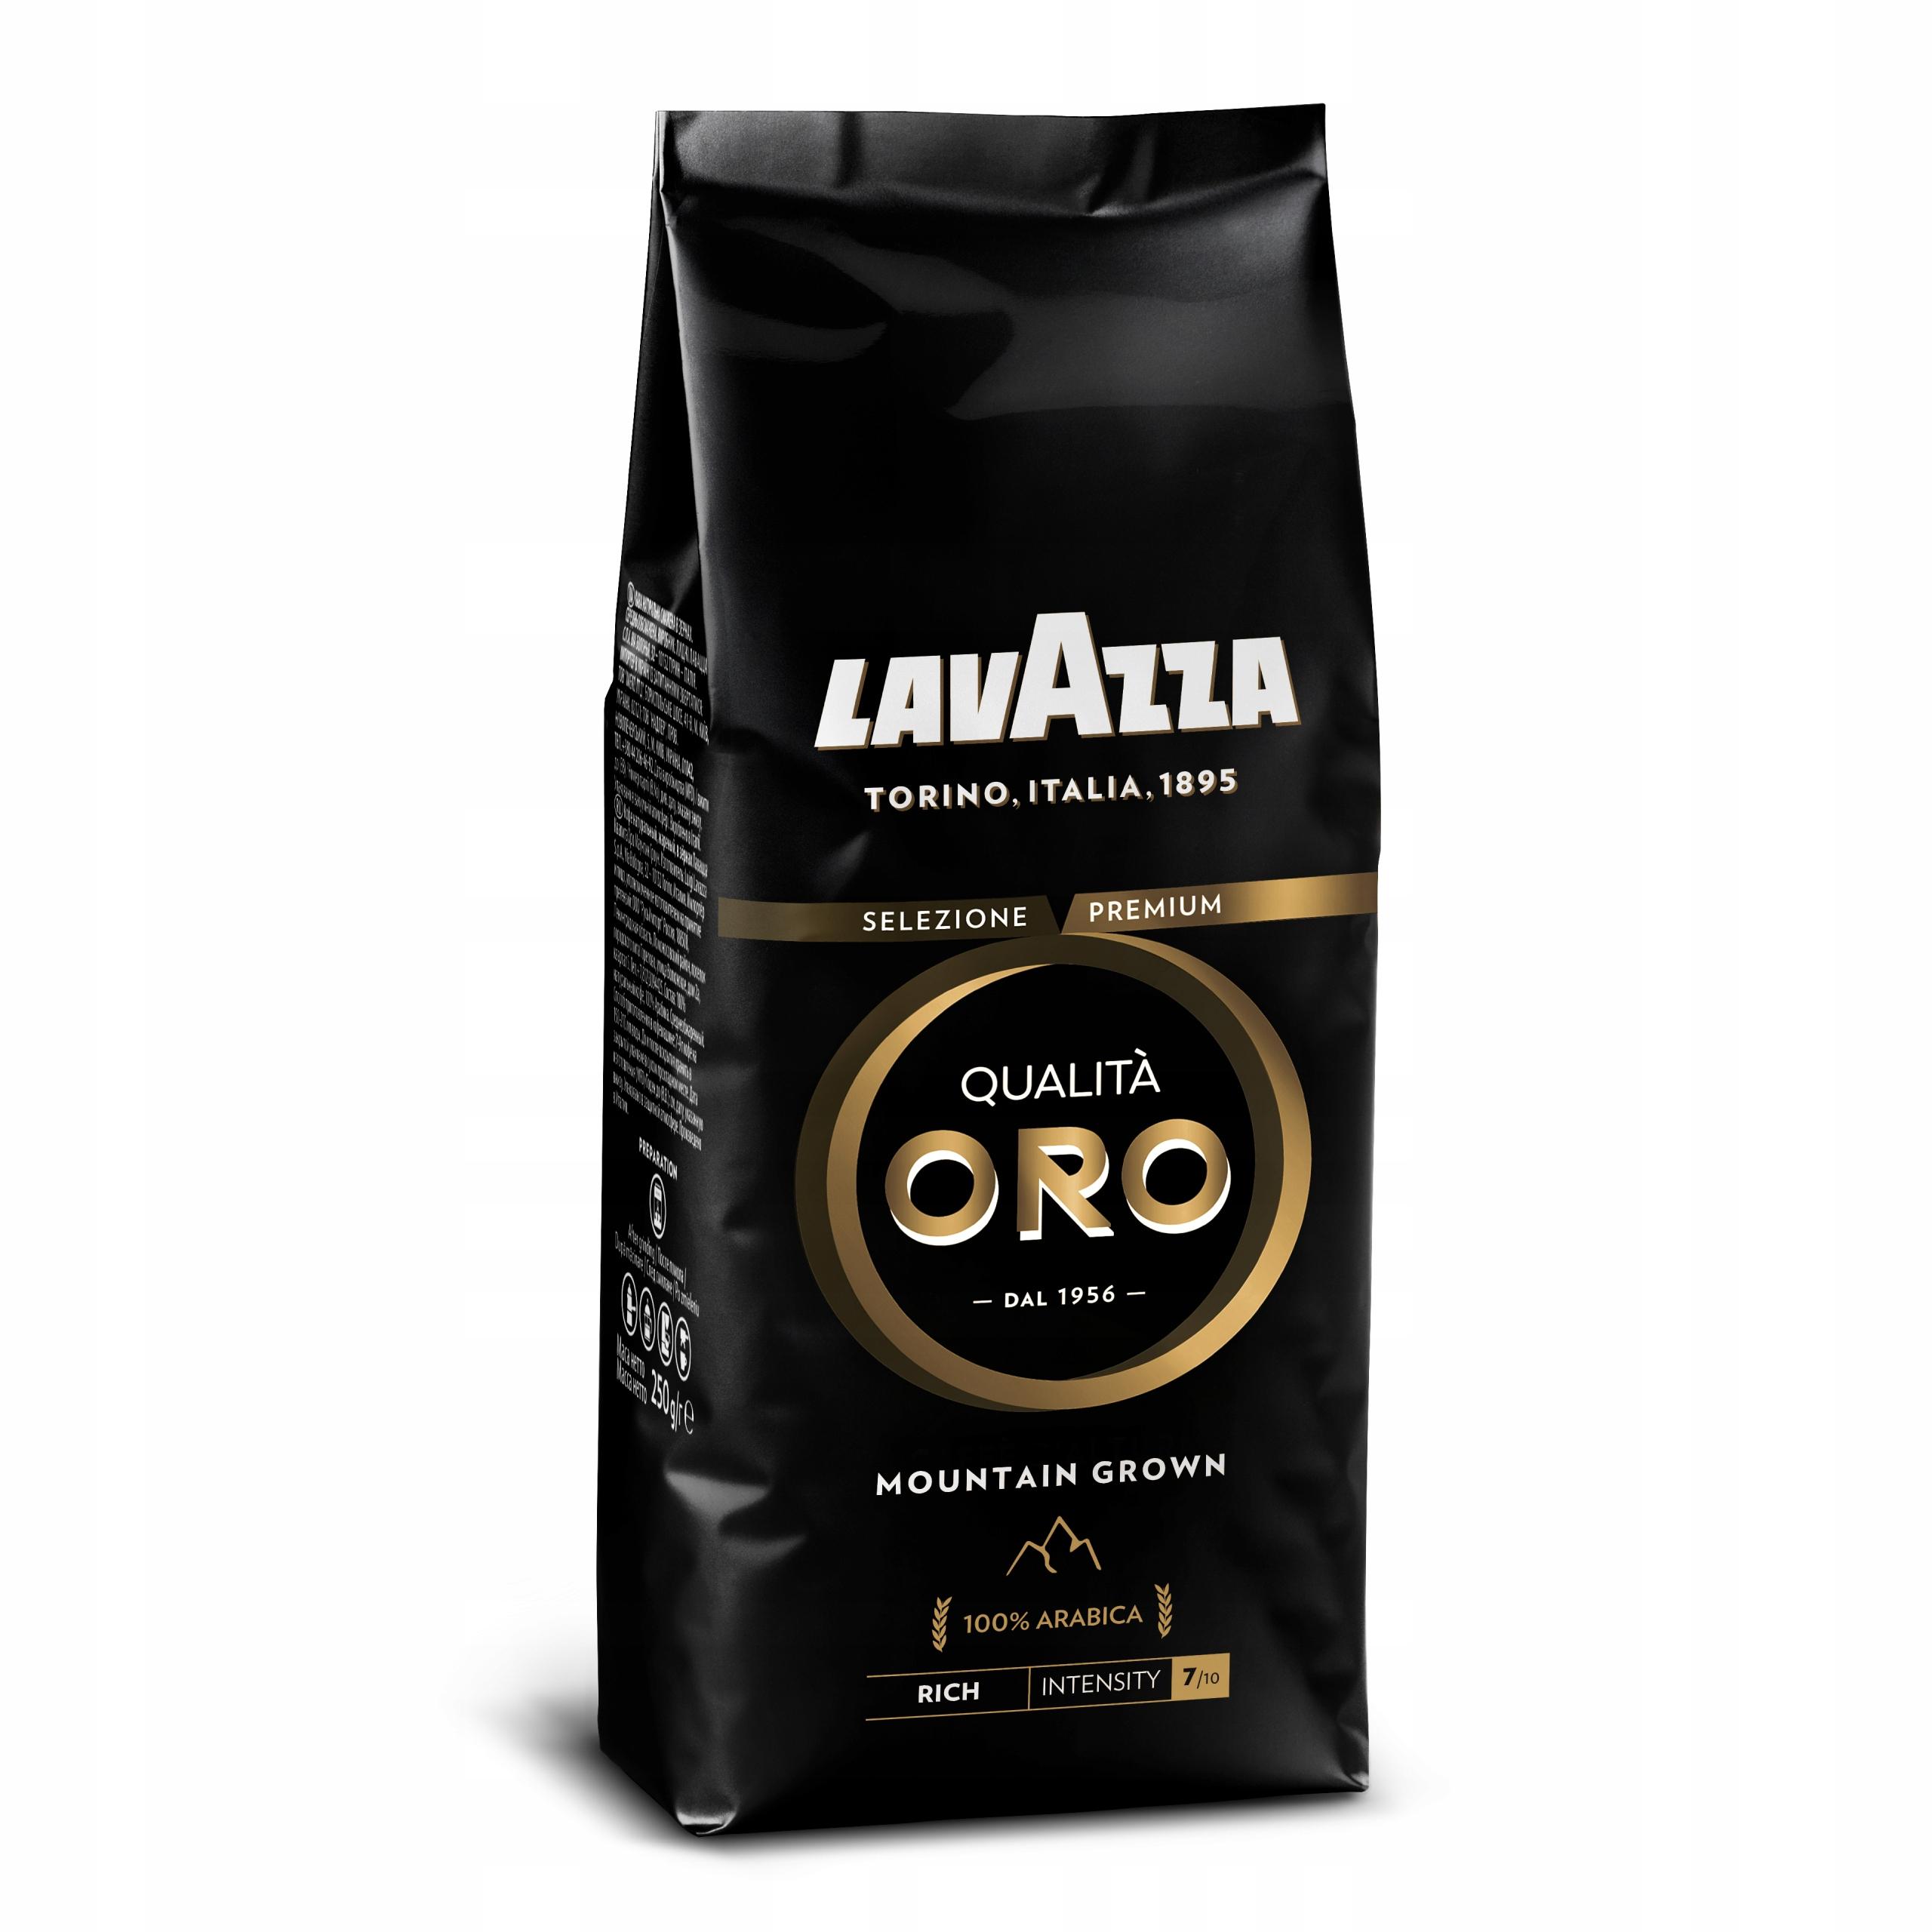 Купить Lavazza QUALITA ORO ГОРЫ GROWN насекомым Г ЗЕРНИСТАЯ на Eurozakup - цены и фото - доставка из Польши и стран Европы в Украину.